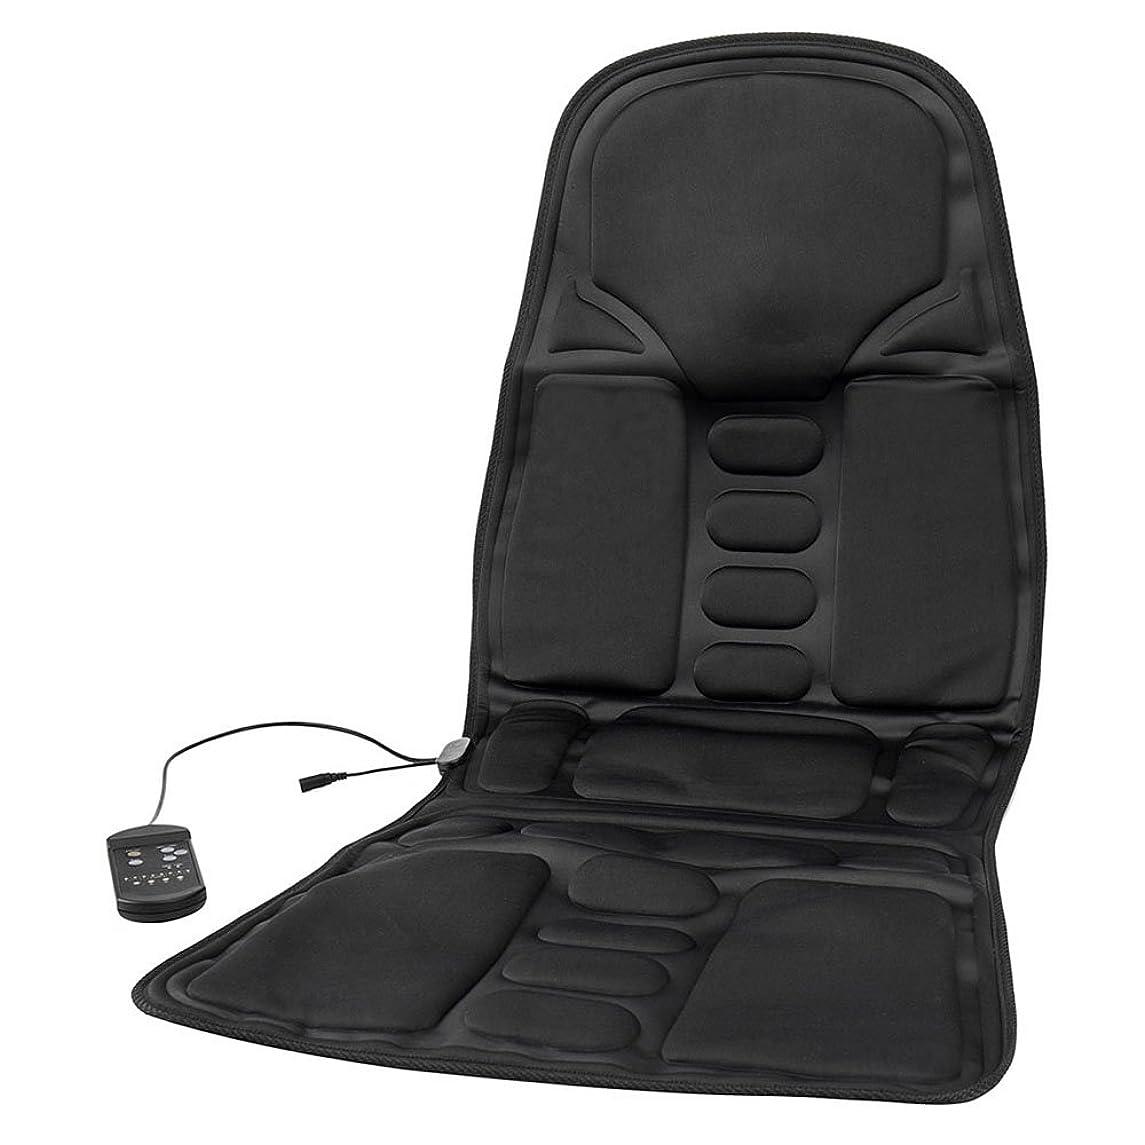 テレマコス適切にイブSeagullWaves マッサージシート シートマッサージャー 車載用 ヒーター搭載 品質PUレザー製 車シート ギフト 持ち運び便利 旅行 ホーム 椅子や座椅子用 取り付け簡単 8段階マッサージモードフリー 車シート椅子汎用